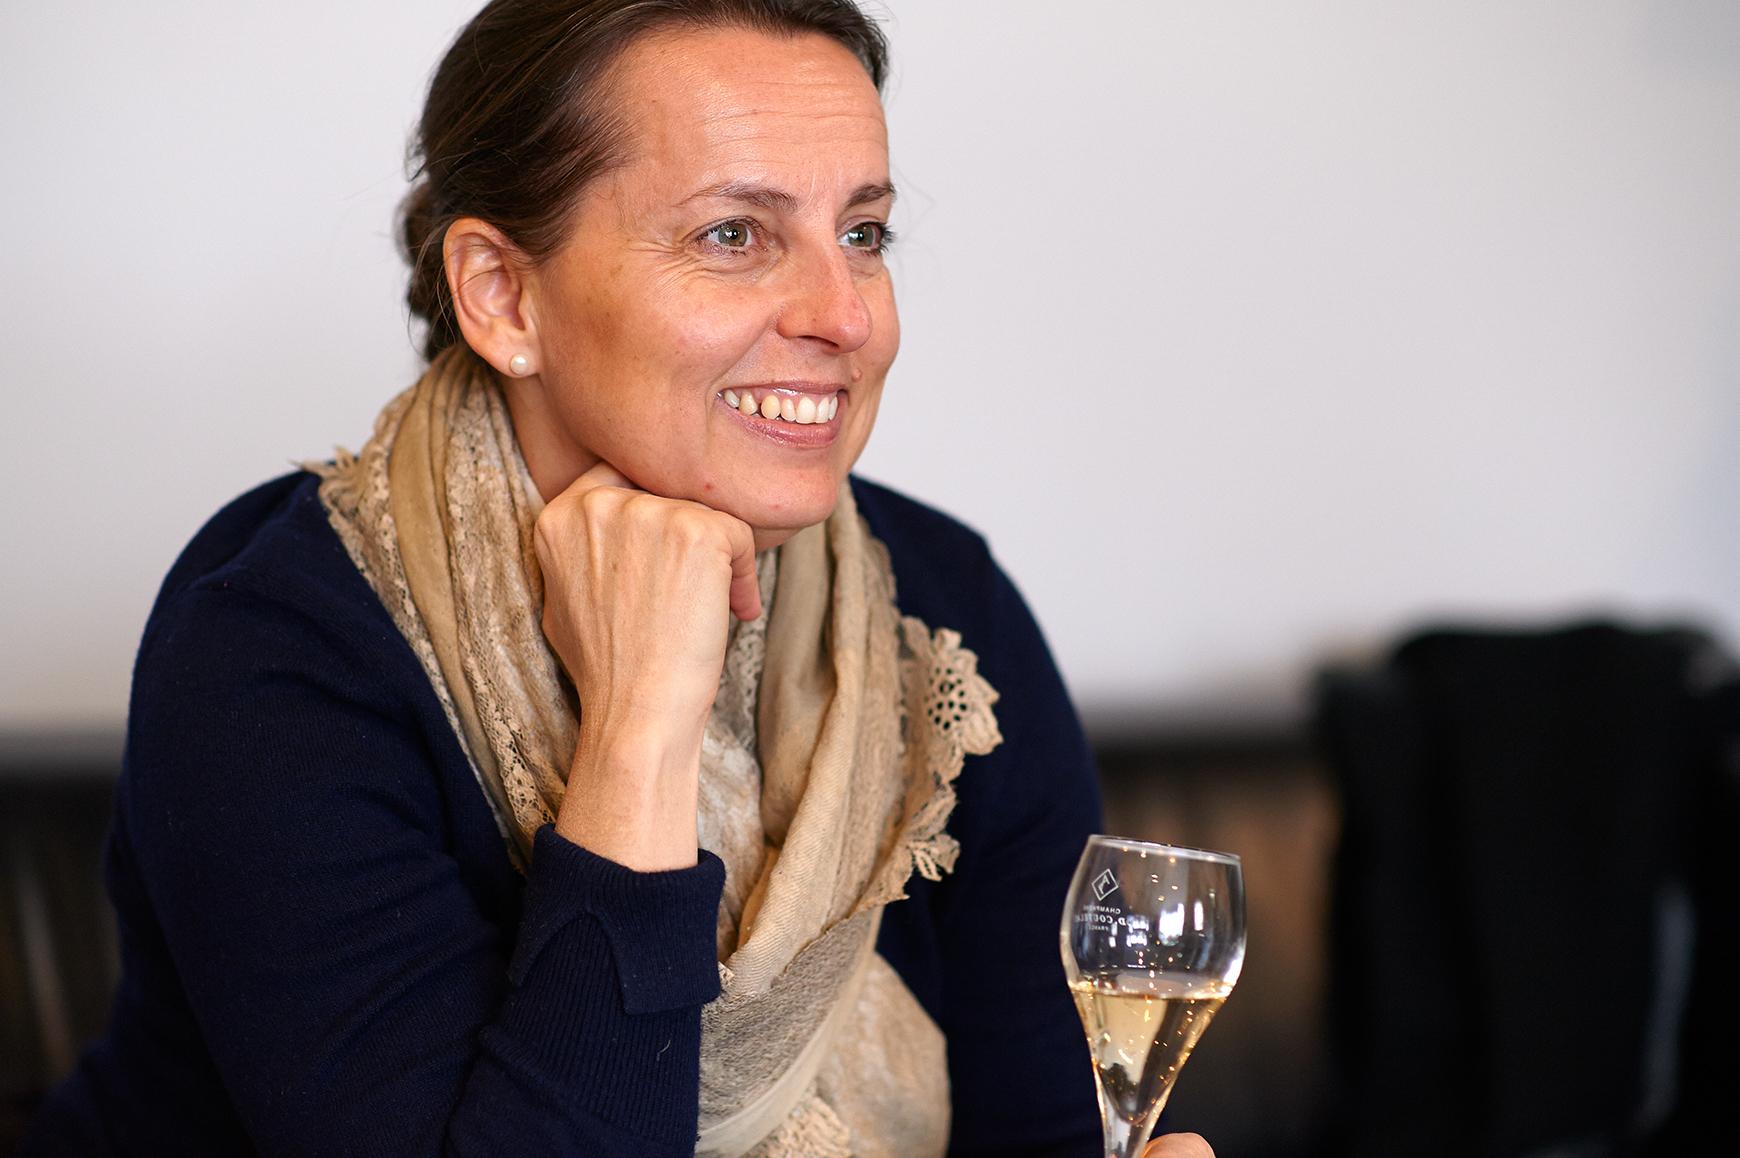 Claire Langrée Saf